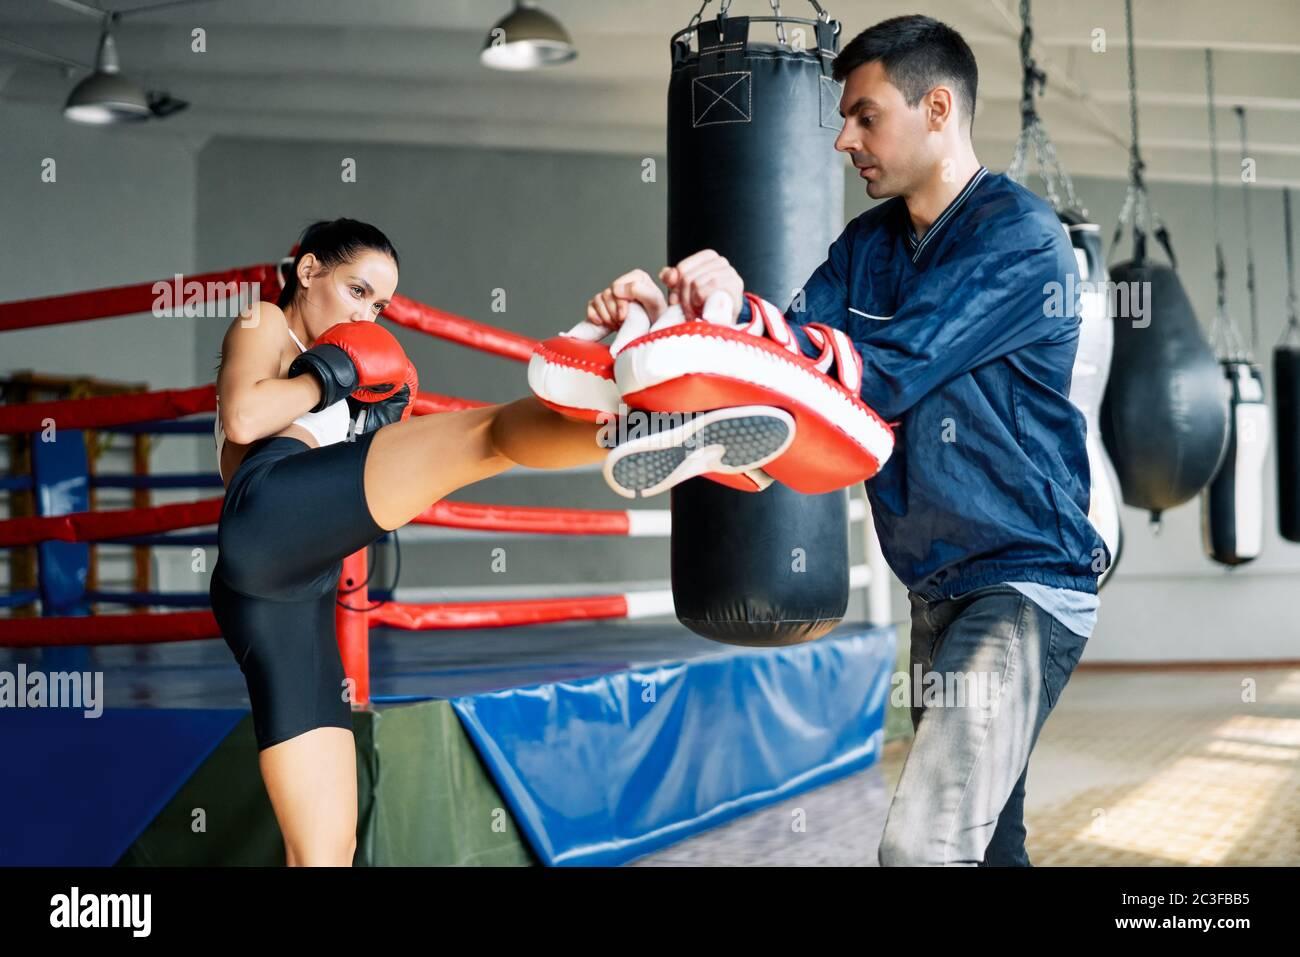 Pugile femminile kick boxing mitts tenuto da personal trainer presso palestra fitness Foto Stock